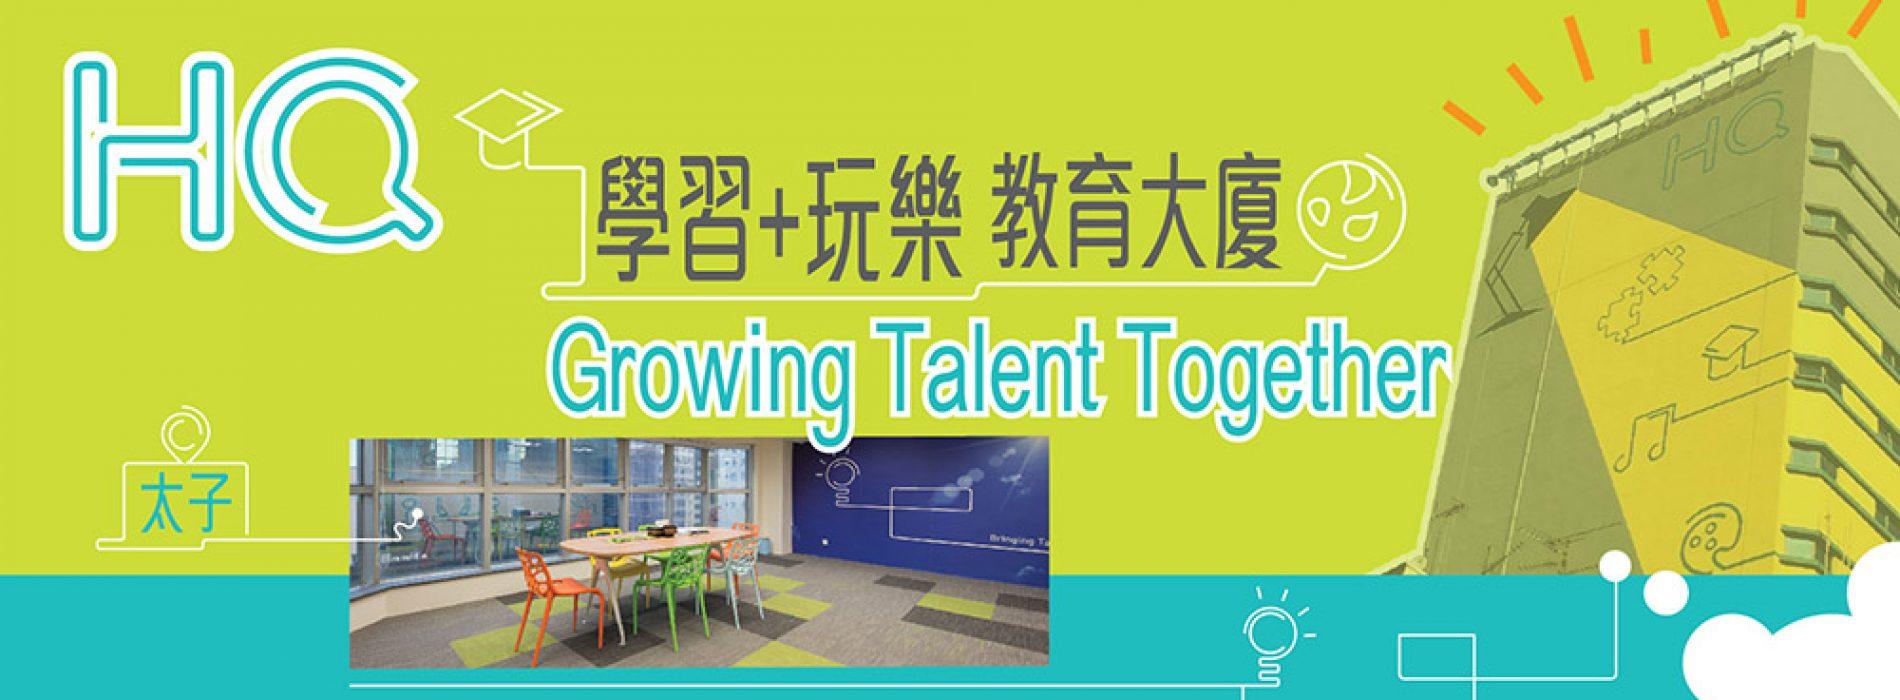 「HQ」教育大廈‧「快樂學習」中的吃喝玩樂